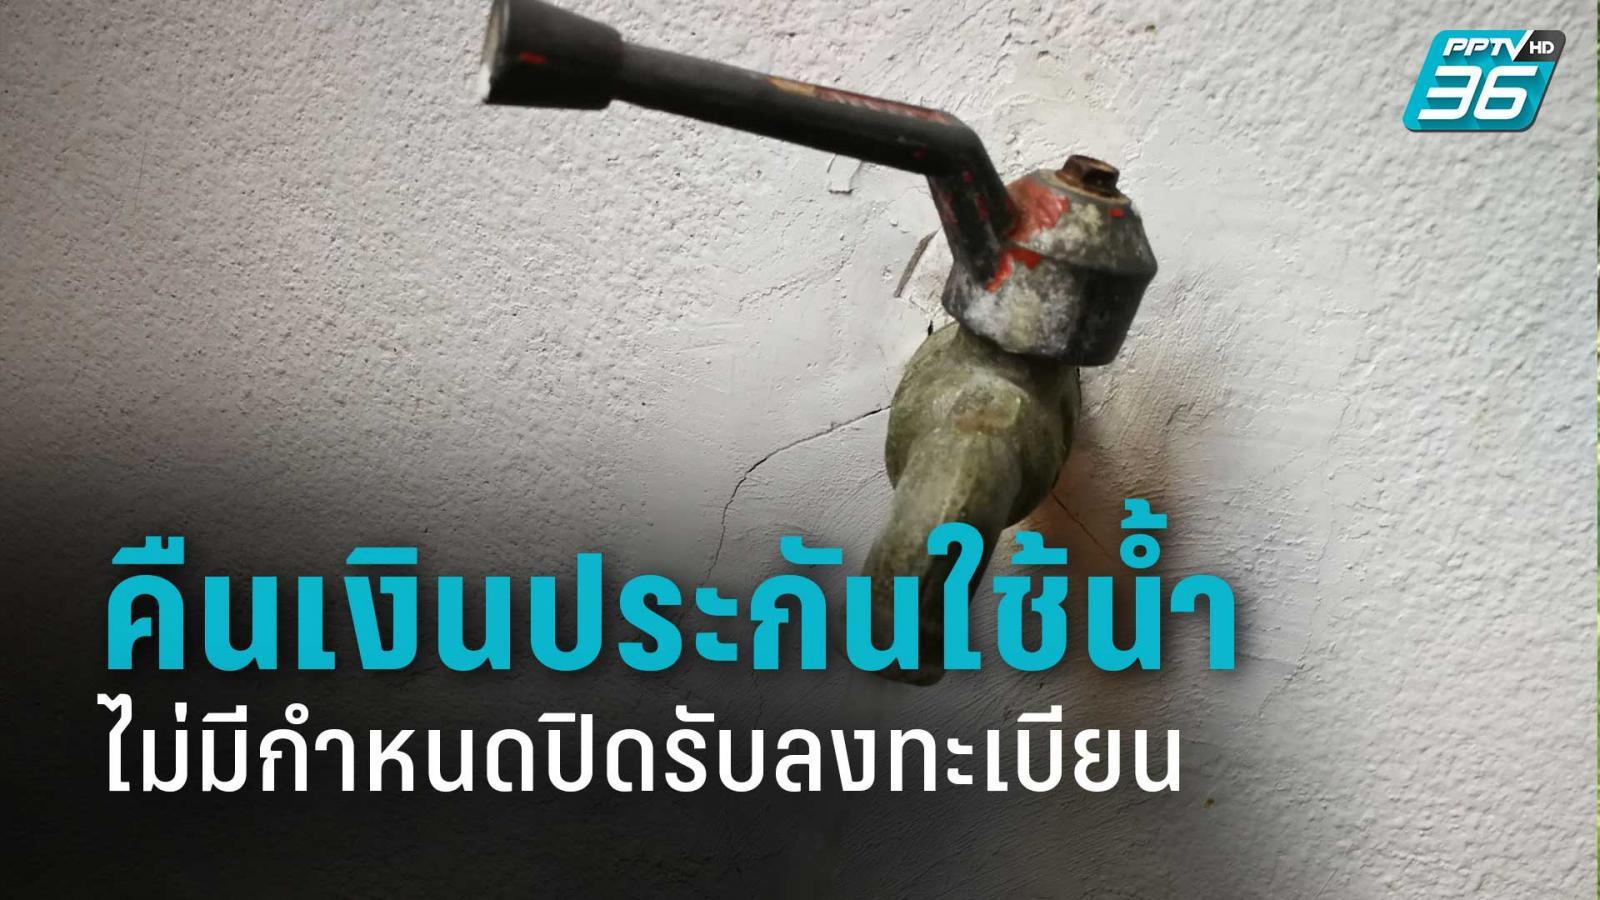 คืนเงินประกันน้ำประปา ผ่าน www.pwa.co.th ทะลุ 1 ล้านราย ย้ำไม่มีกำหนดปิดลงทะเบียน